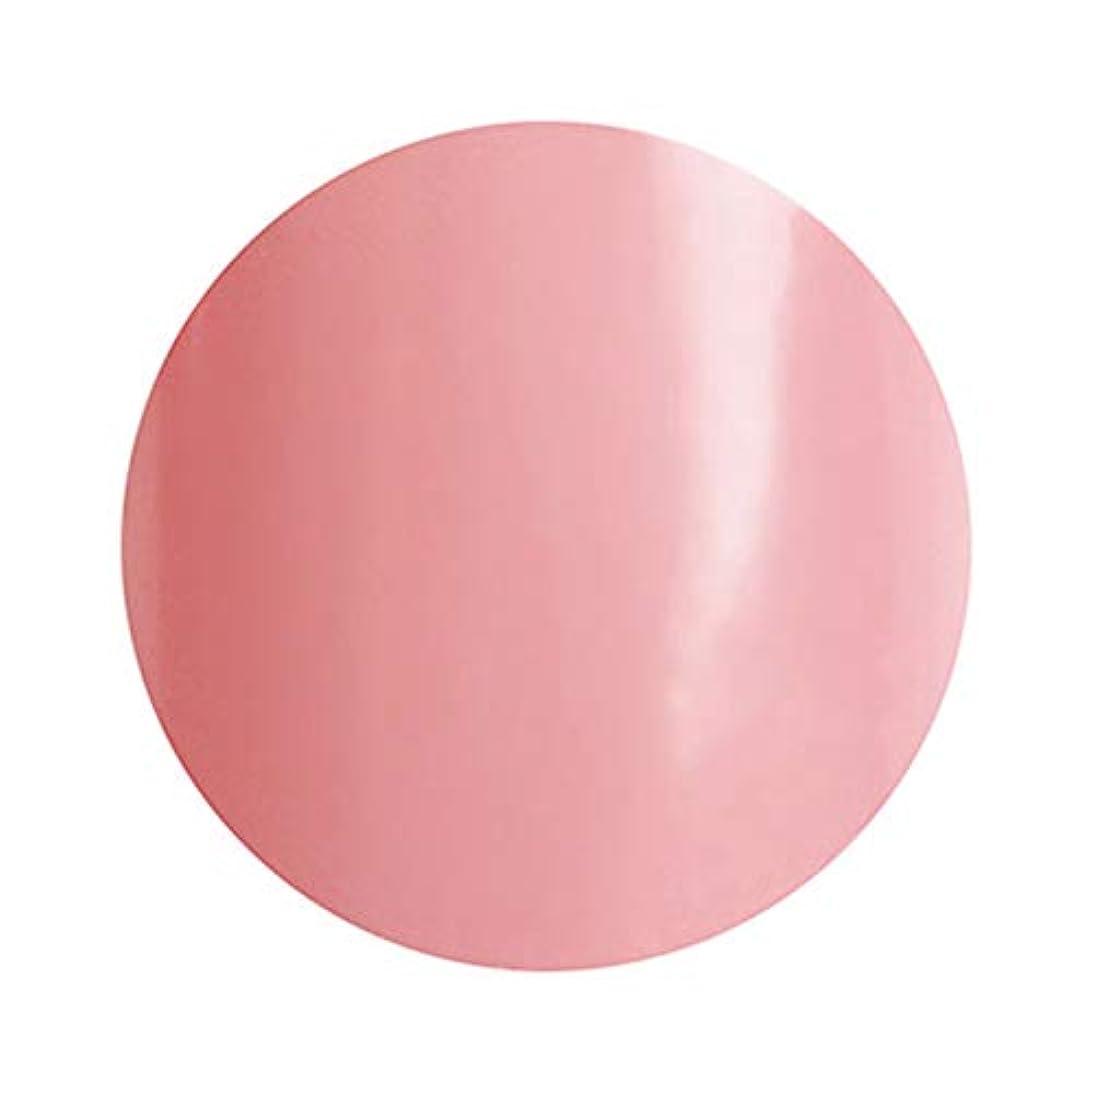 側面サンダル手入れpara gel パラジェル カラージェル S034 ブーケピンク 4g (久永ひろよプロデュース)